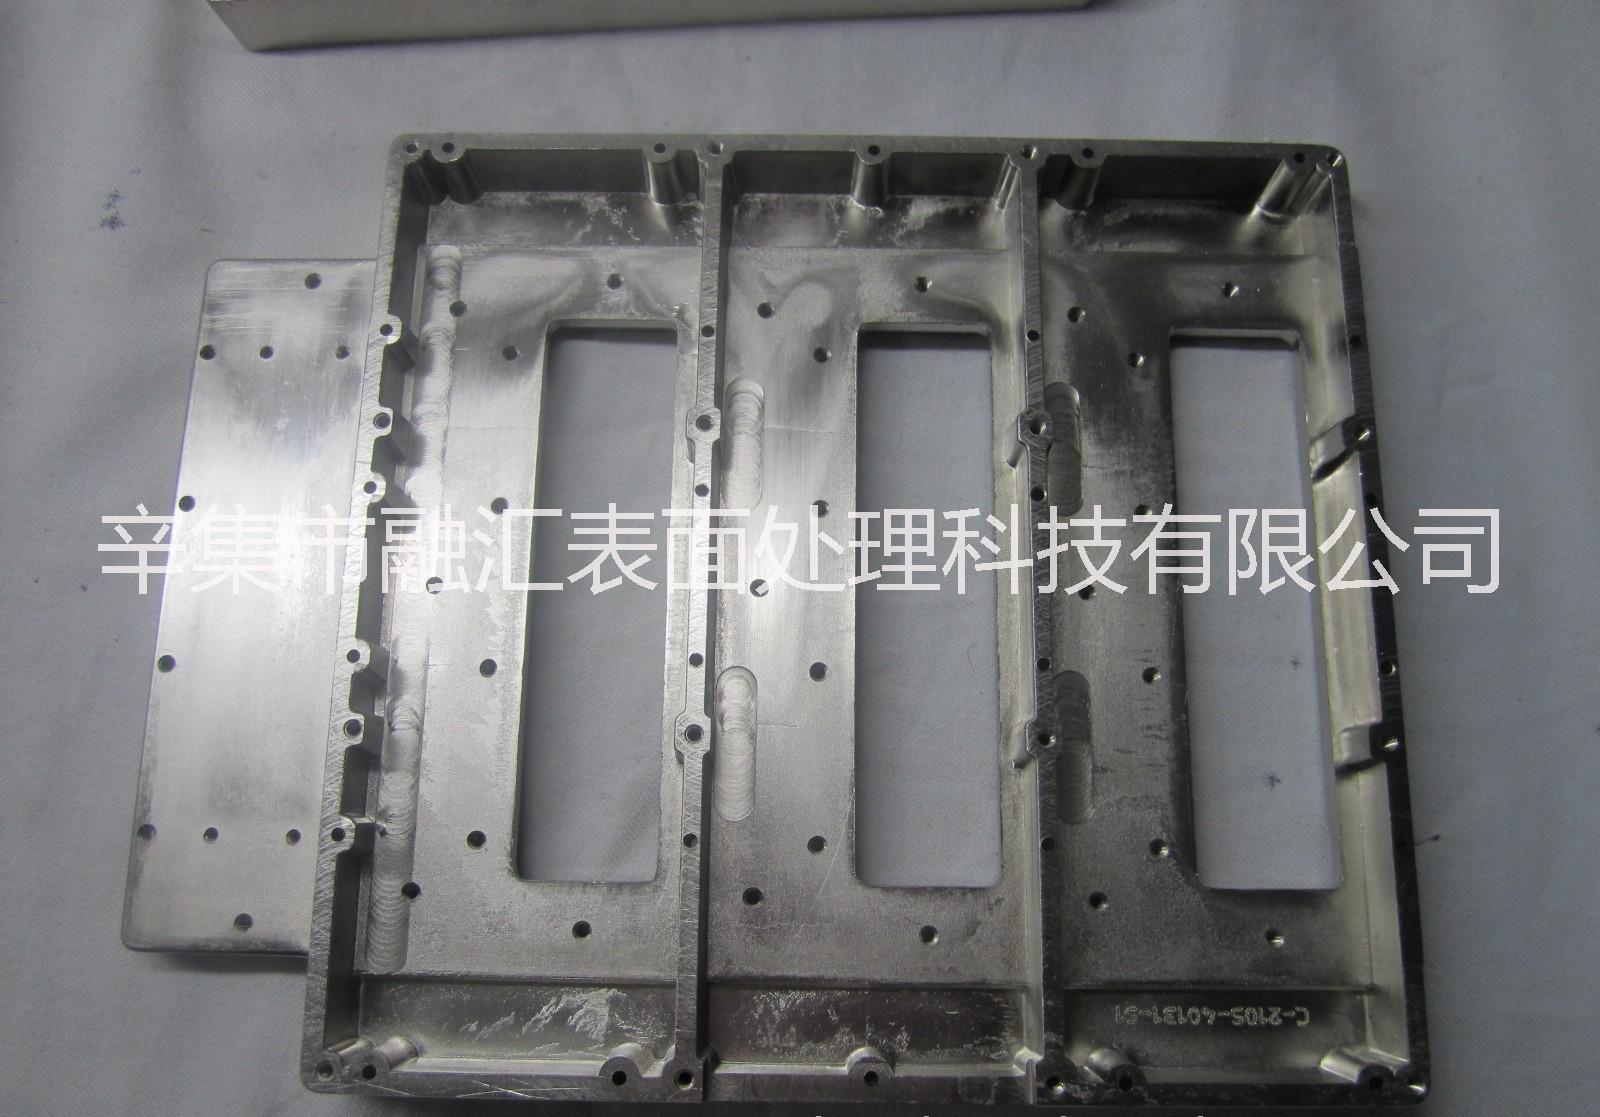 化学镀镍加工 钢铁铝合金表面,化学镀镍加工